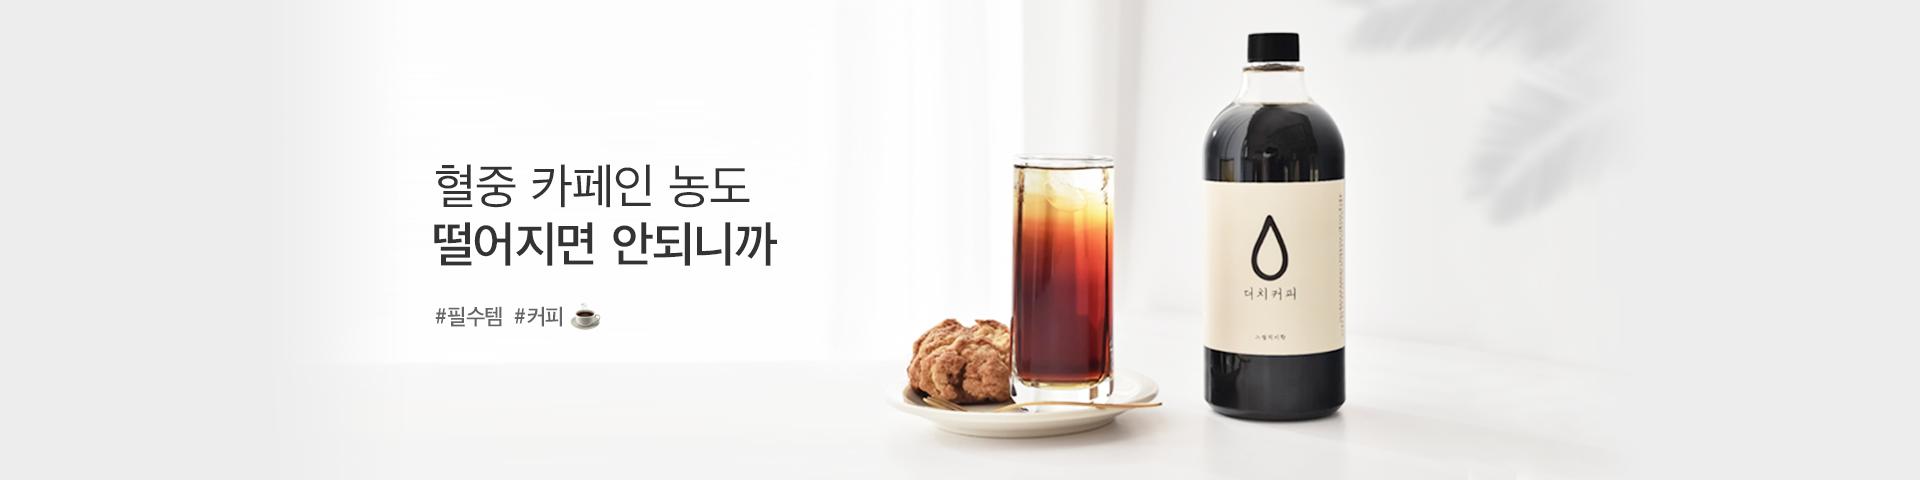 커피로 혈중 카페인 농도 높이기